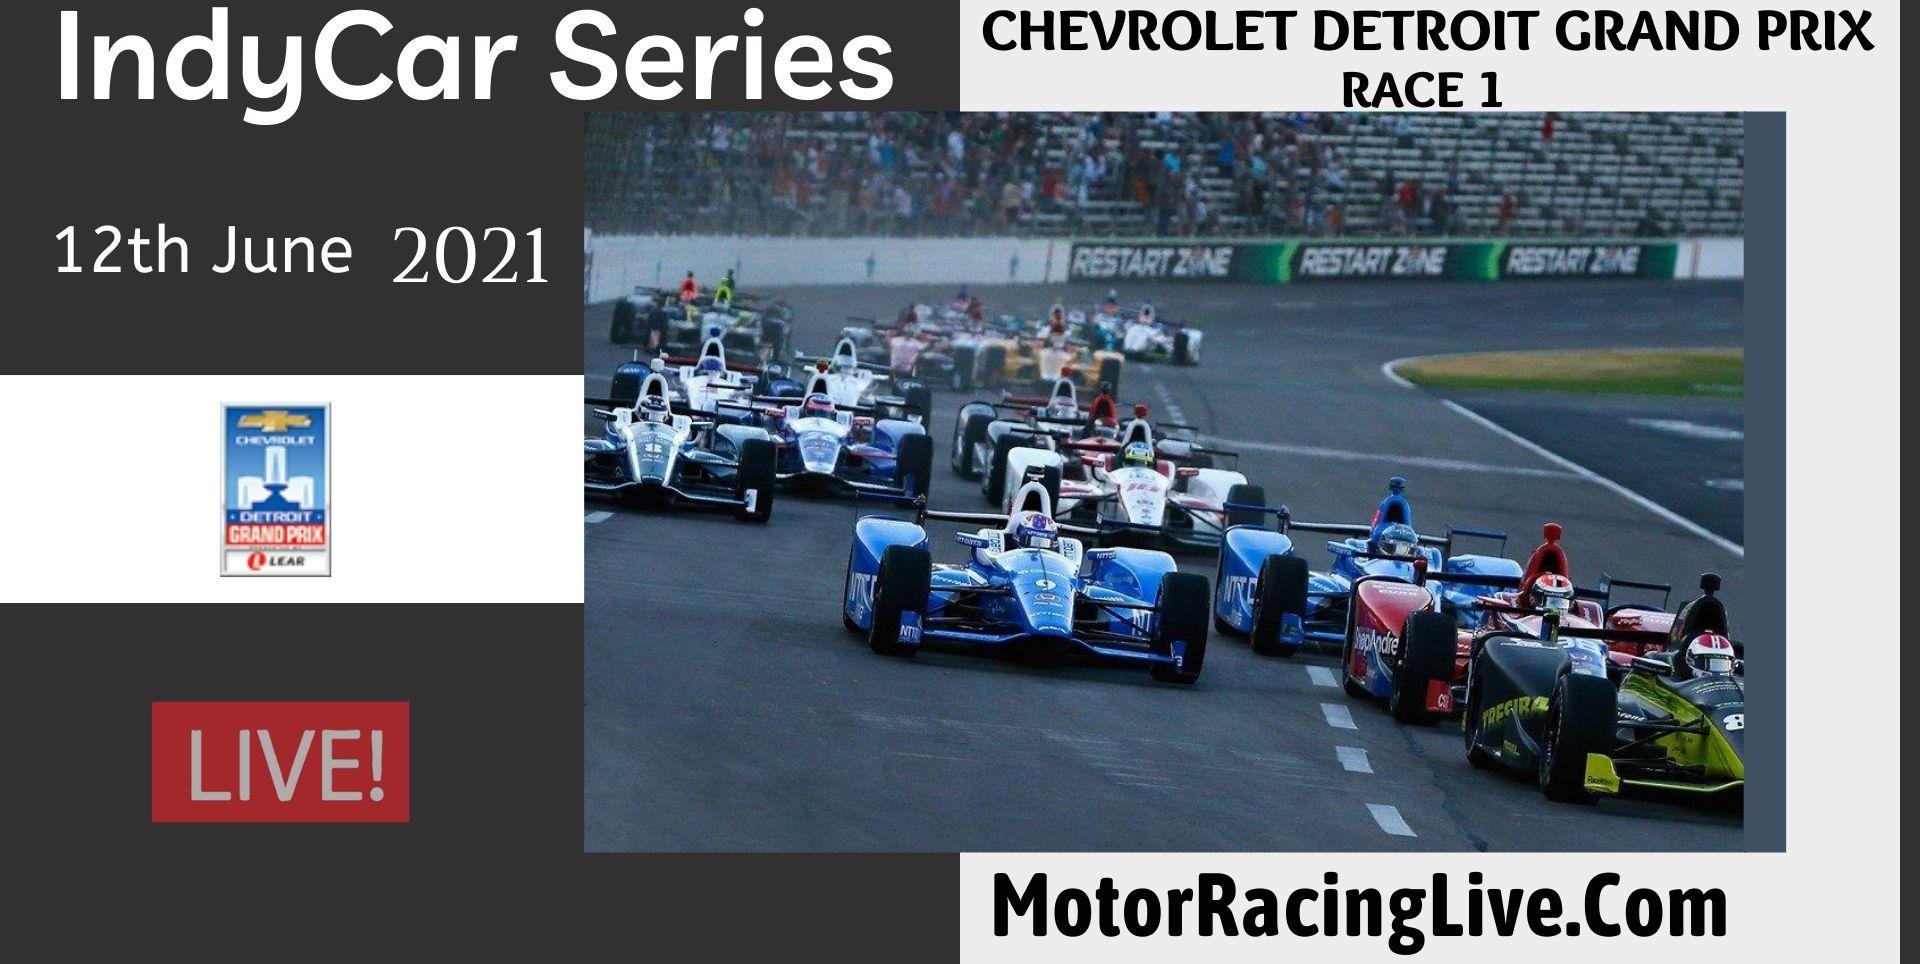 CHEVROLET DETROIT GRAND PRIX RACE 1 Live 2021 | Indycar